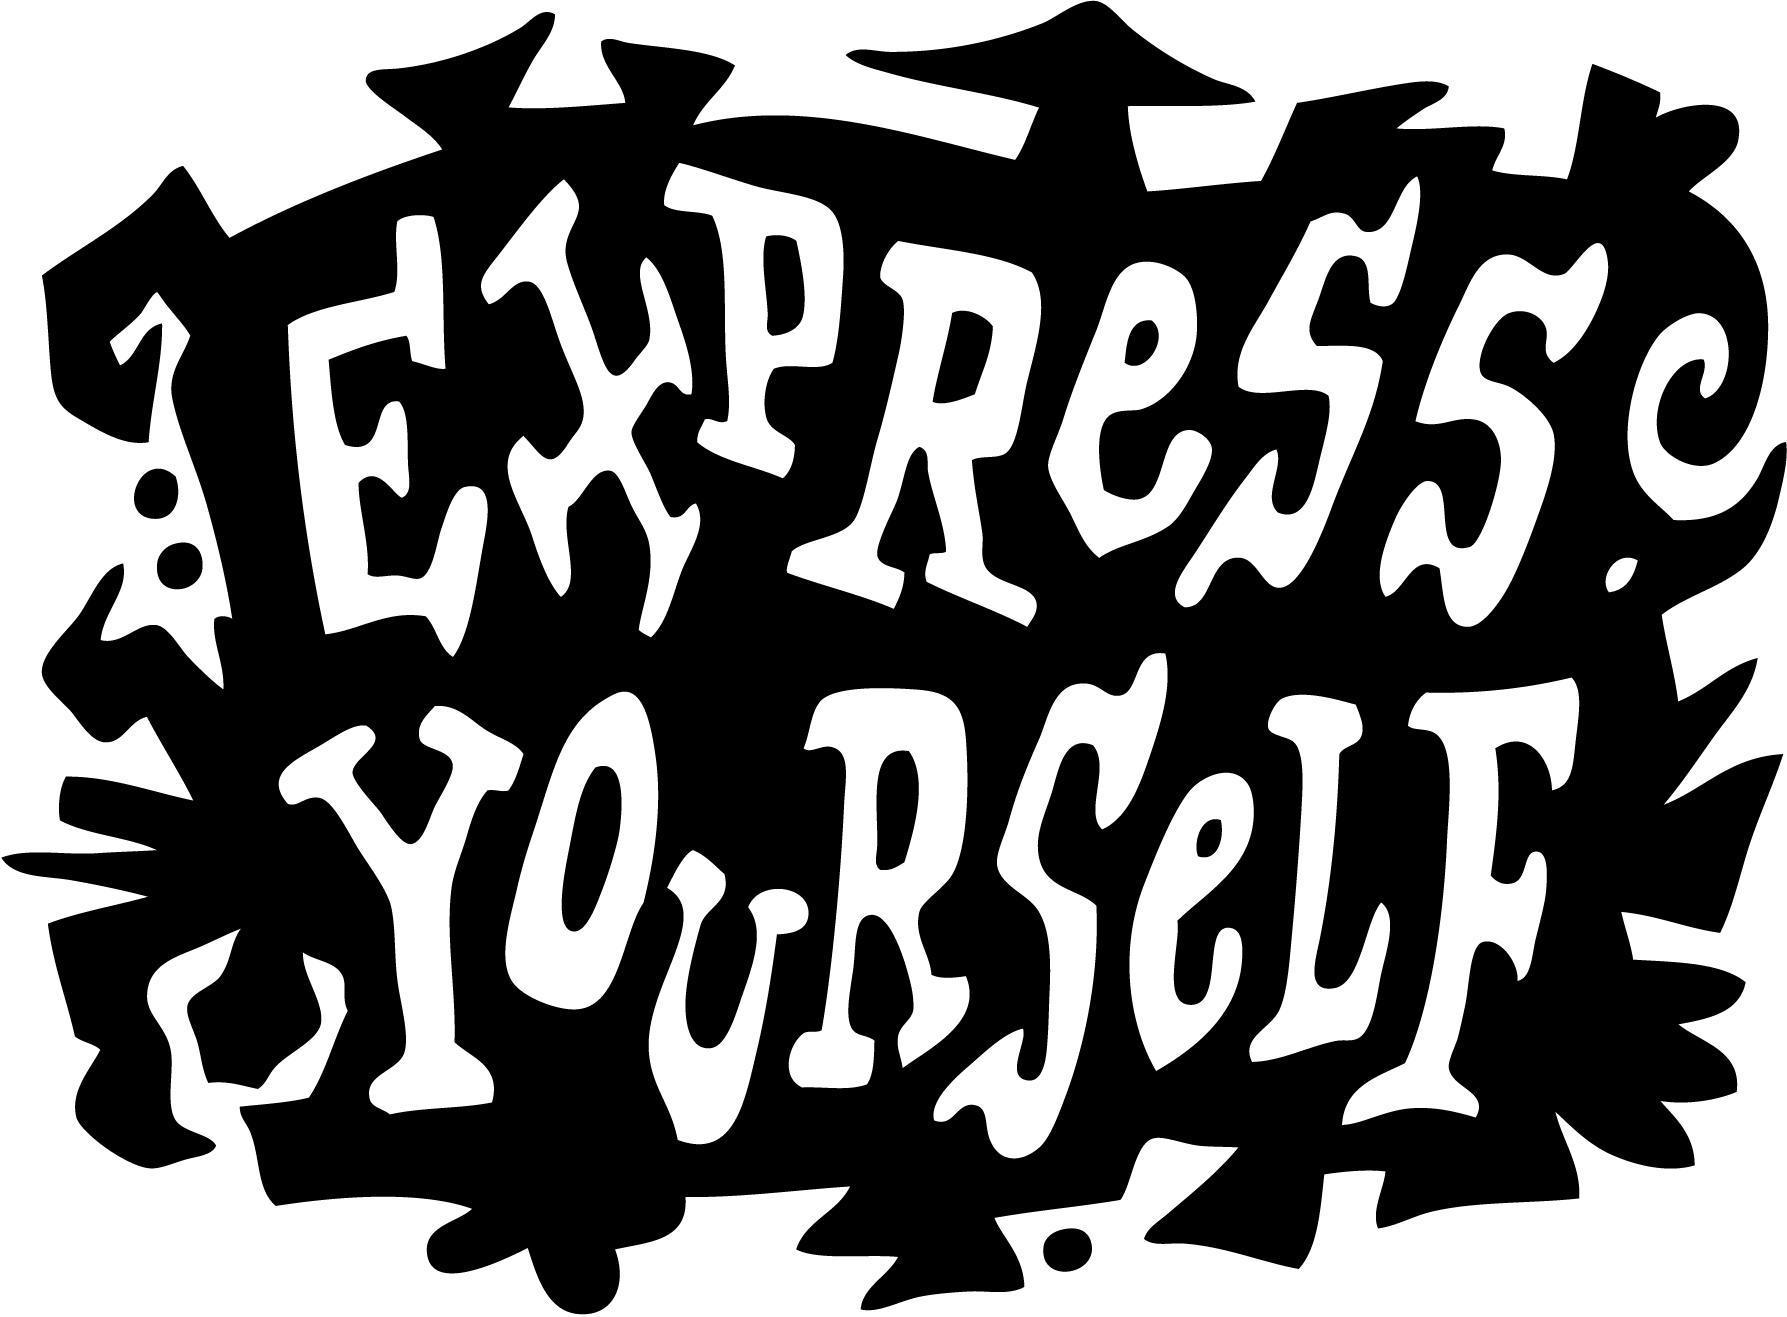 Clipart express.